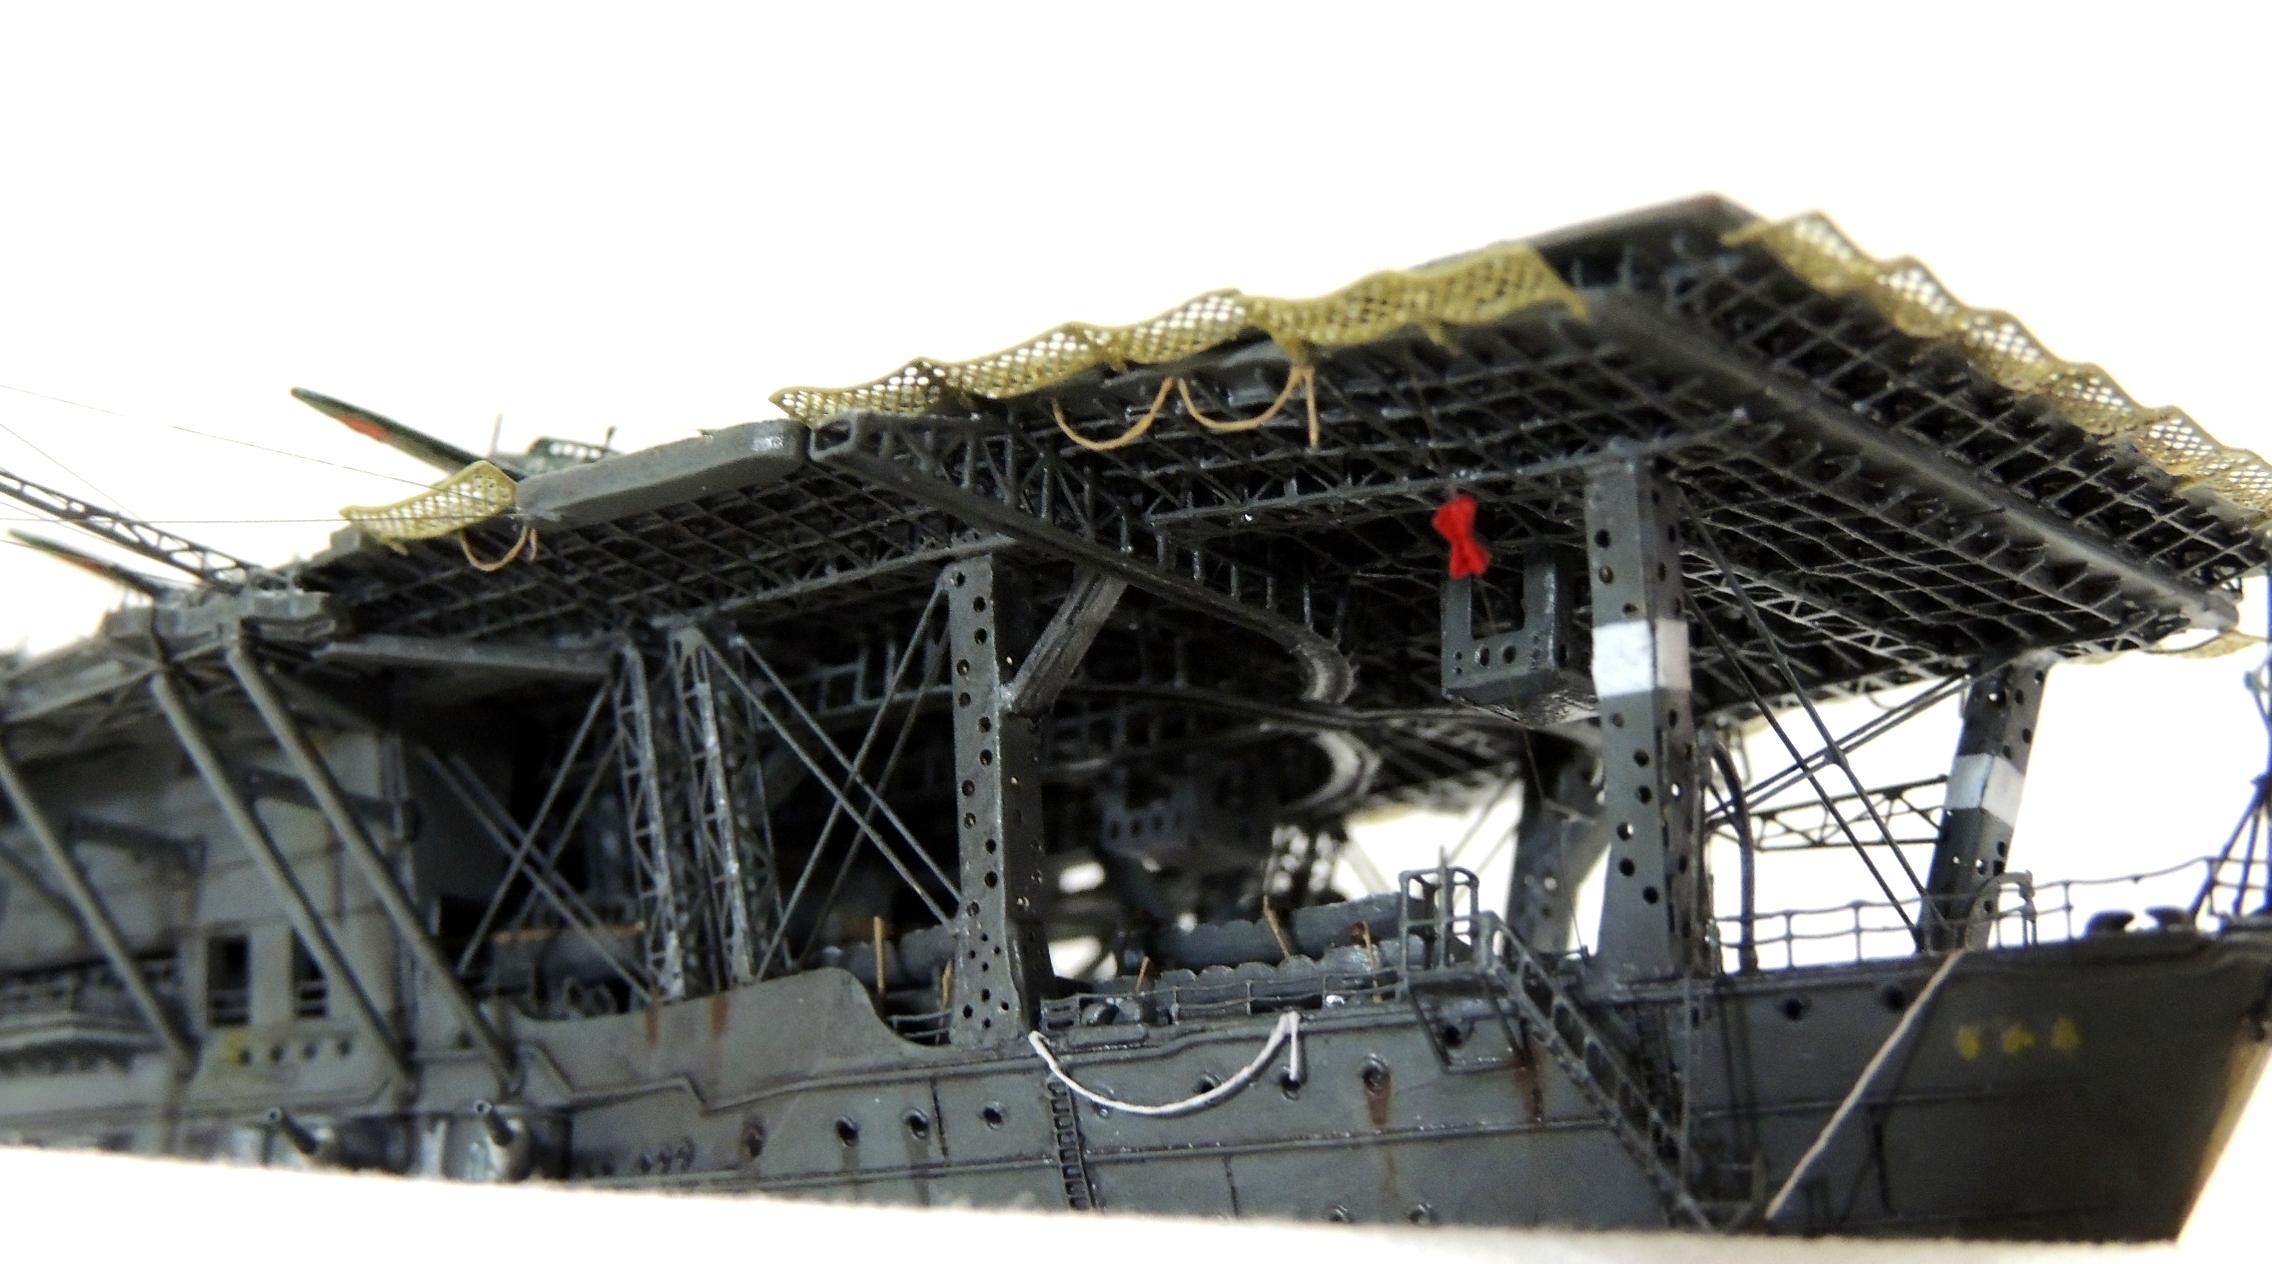 DSCN7984-1-2.jpg